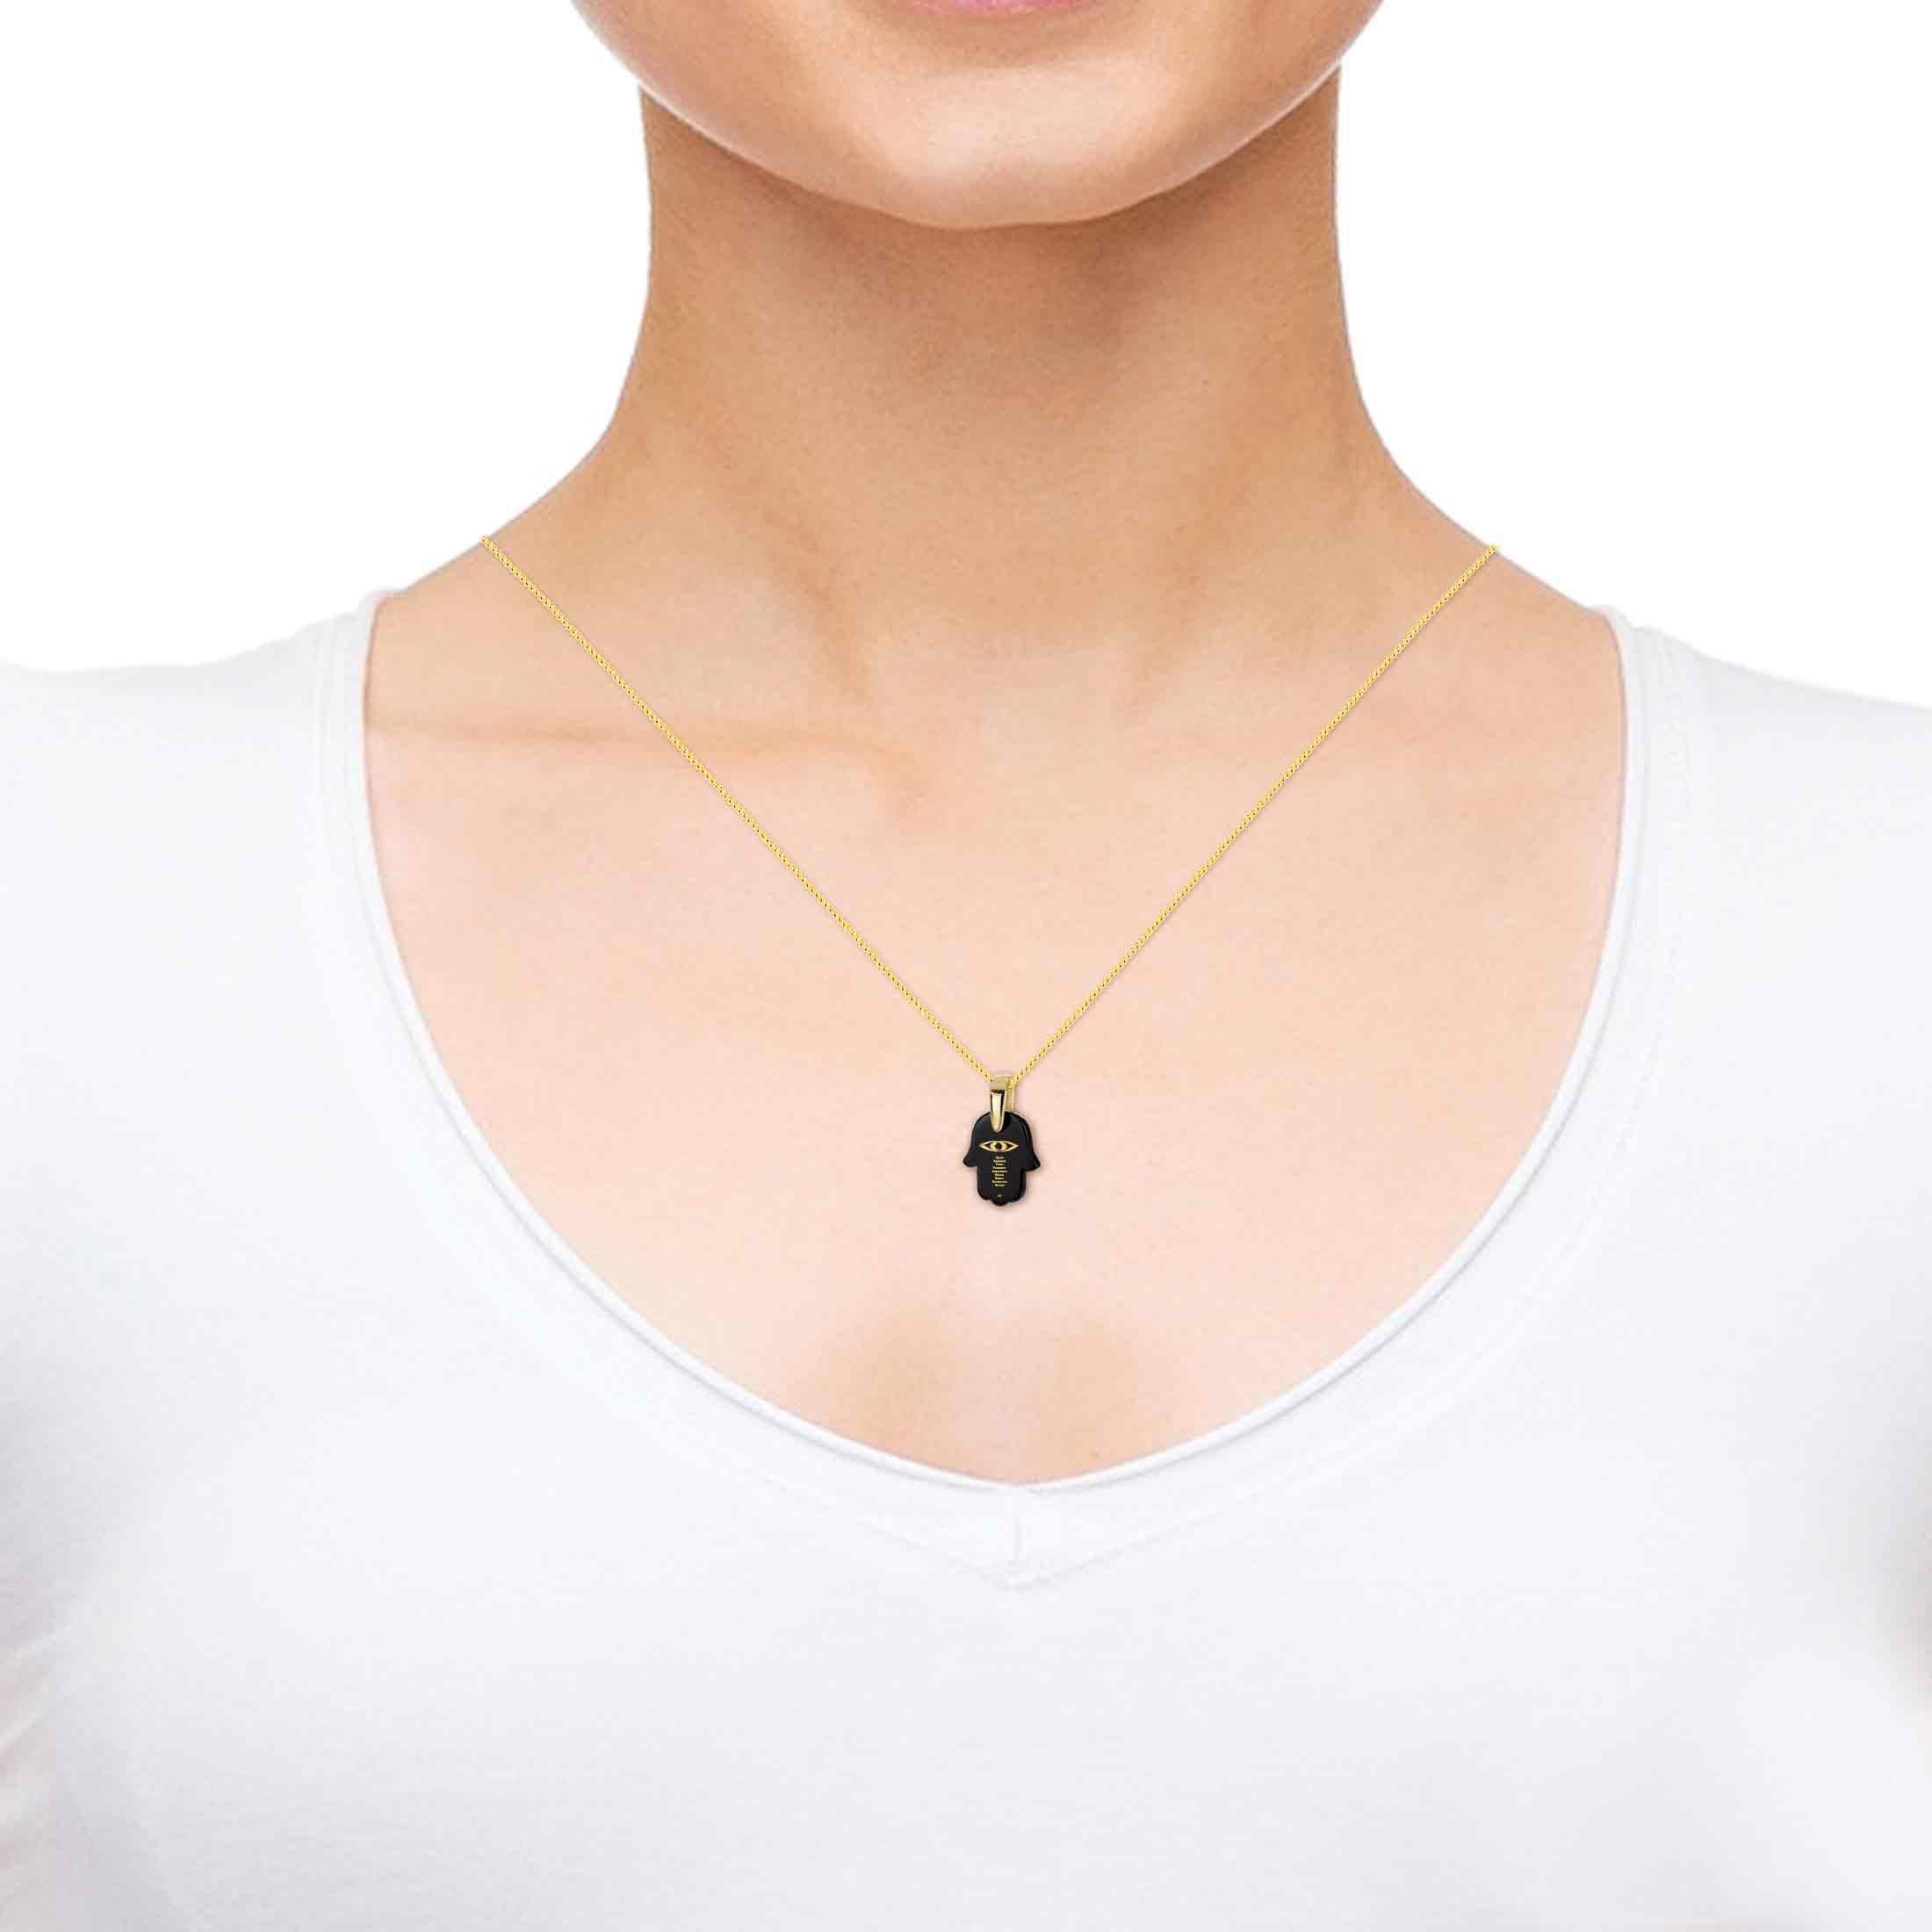 מתנה מקורית - מתנות לנערות - תכשיטים לאישה מזהב - שרשרת חמסה עם איחולים לאושר - תכשיטי נאנו